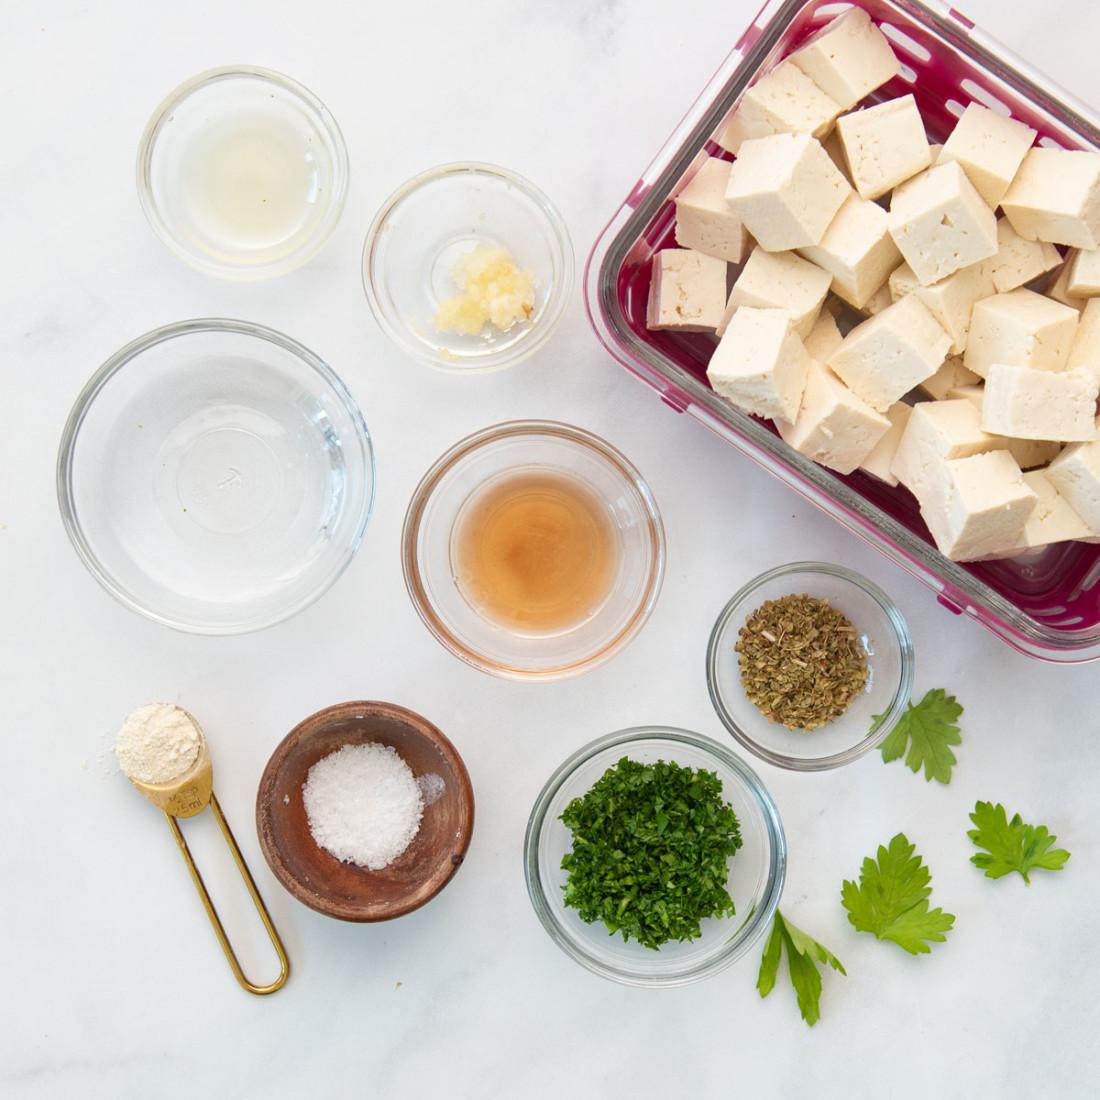 tofu, spices, seasonings, red wine vinegar